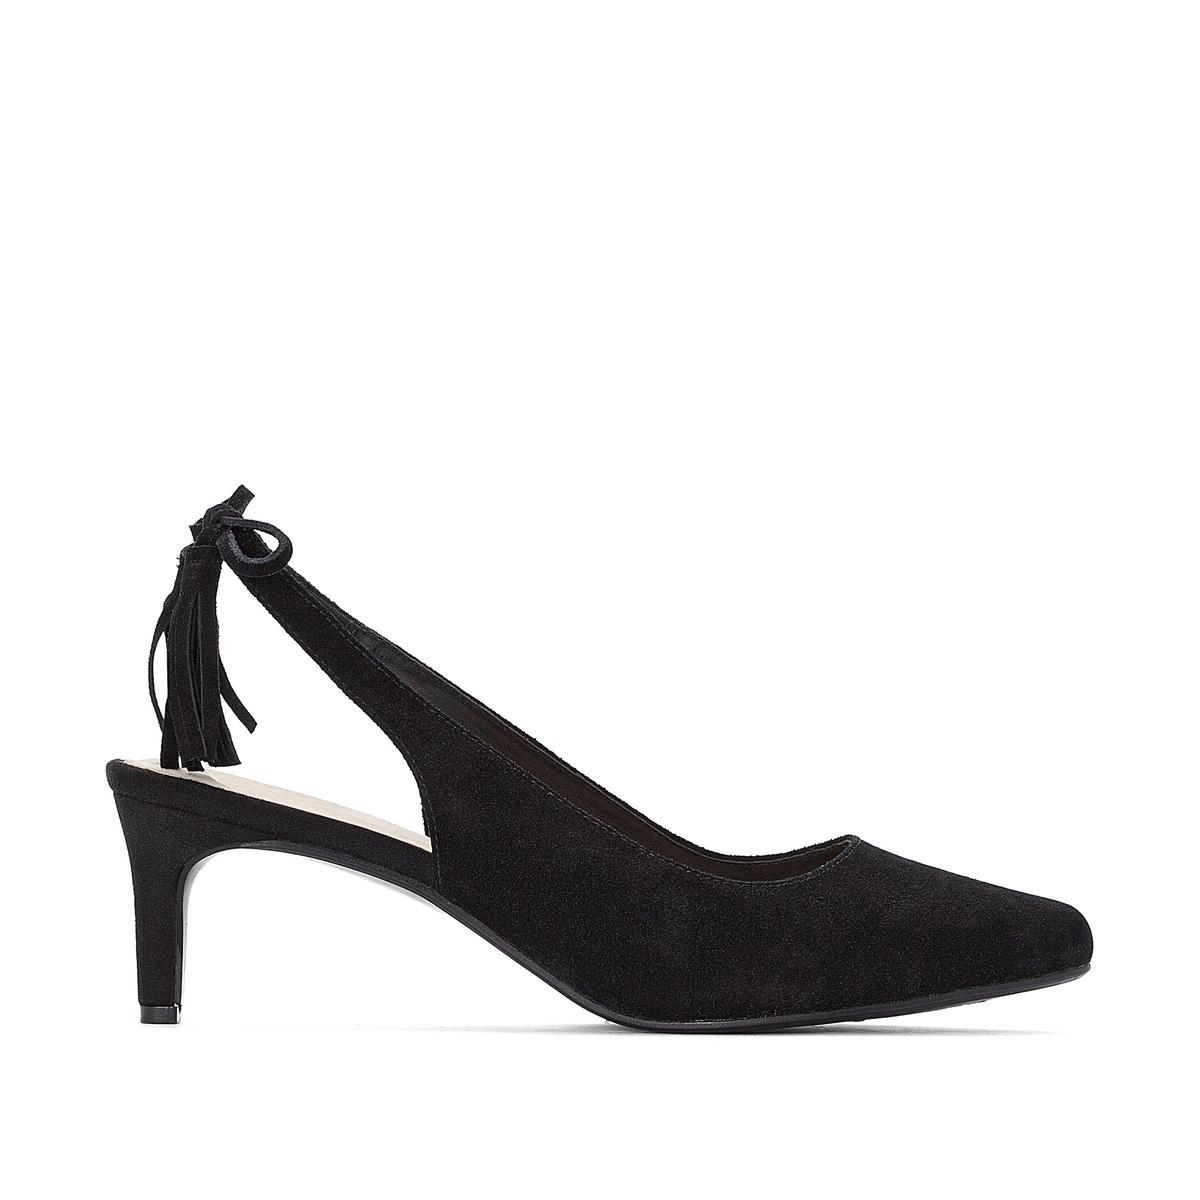 Sapatos biqueira pontiaguda e borla, pé largo, do 38 ao 45